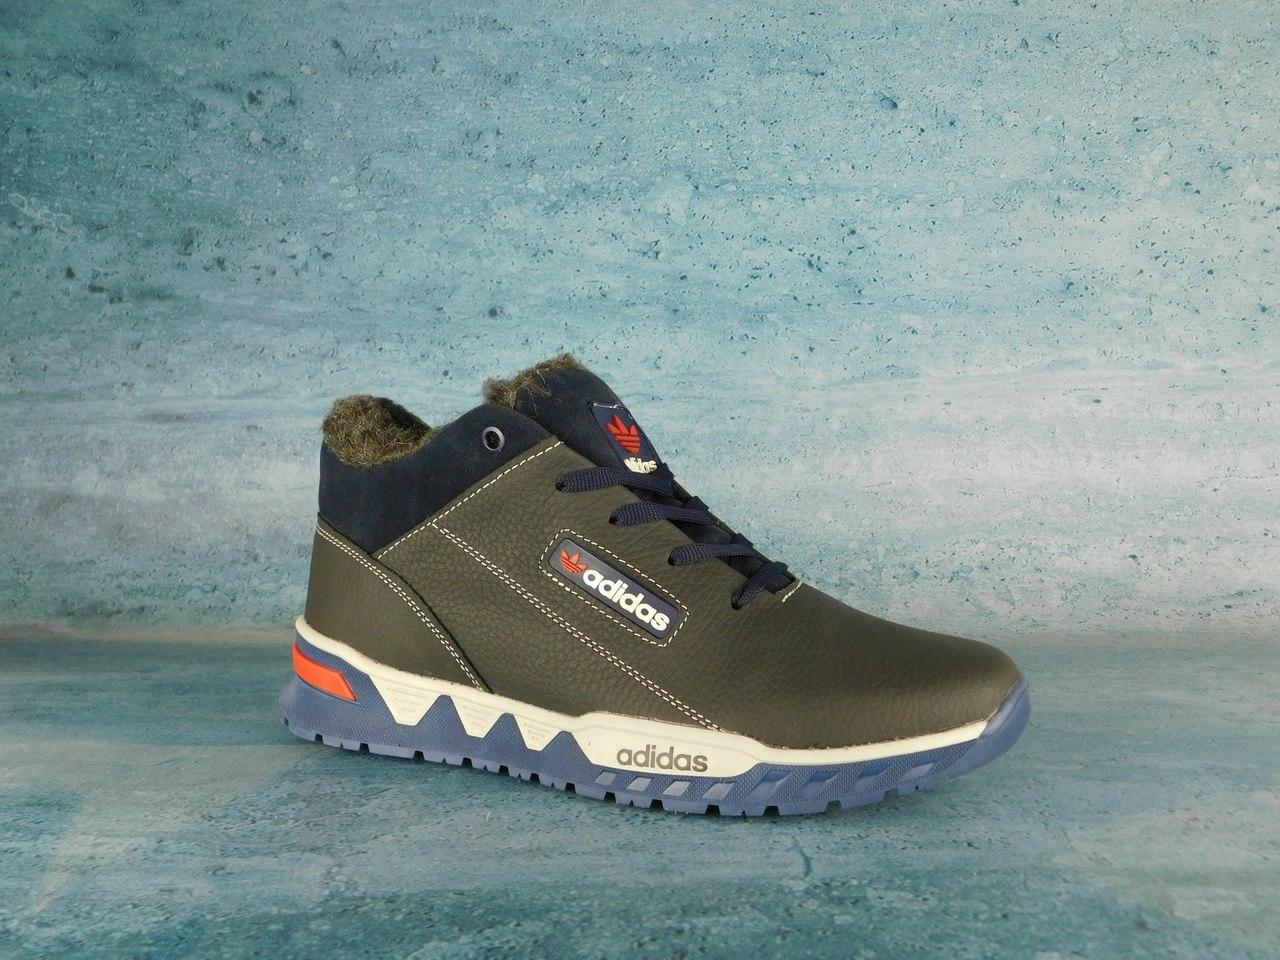 Мужские кроссовки Adidas зимние (синий/голубой), ТОП-реплика